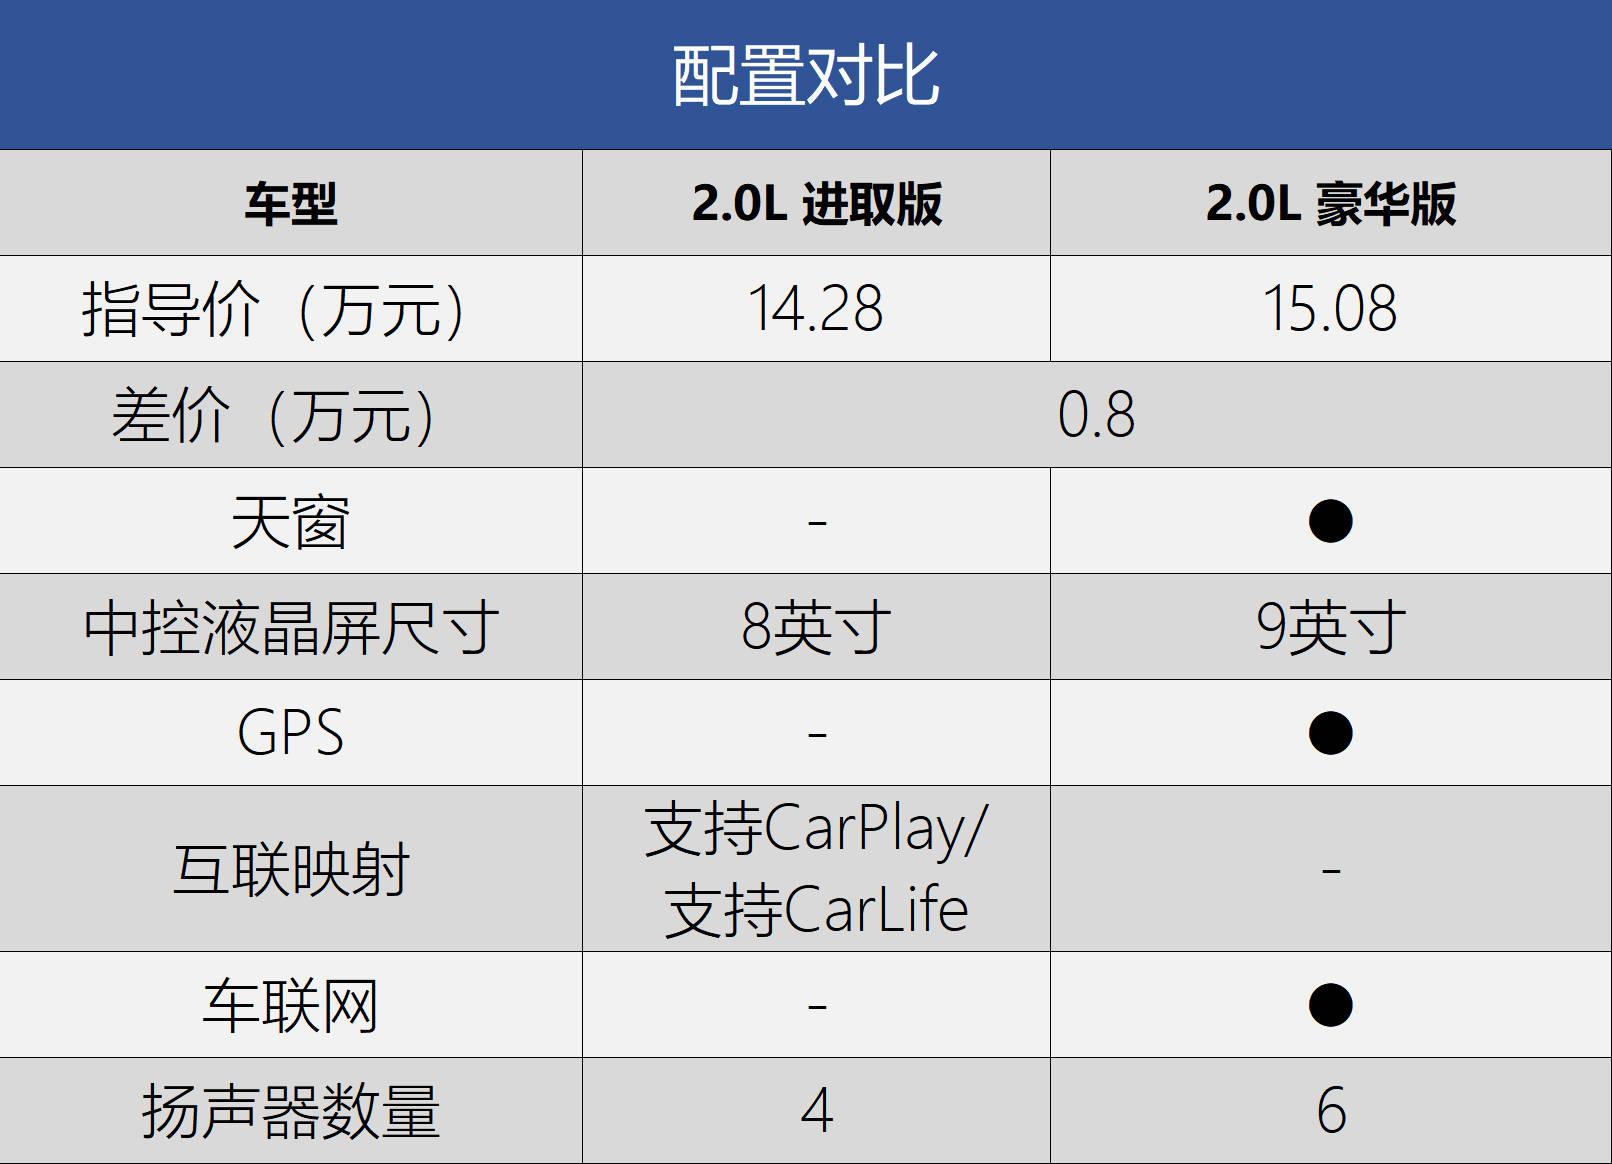 炸金花棋牌游戏官网整体指导价区间为14.28-17.98万元